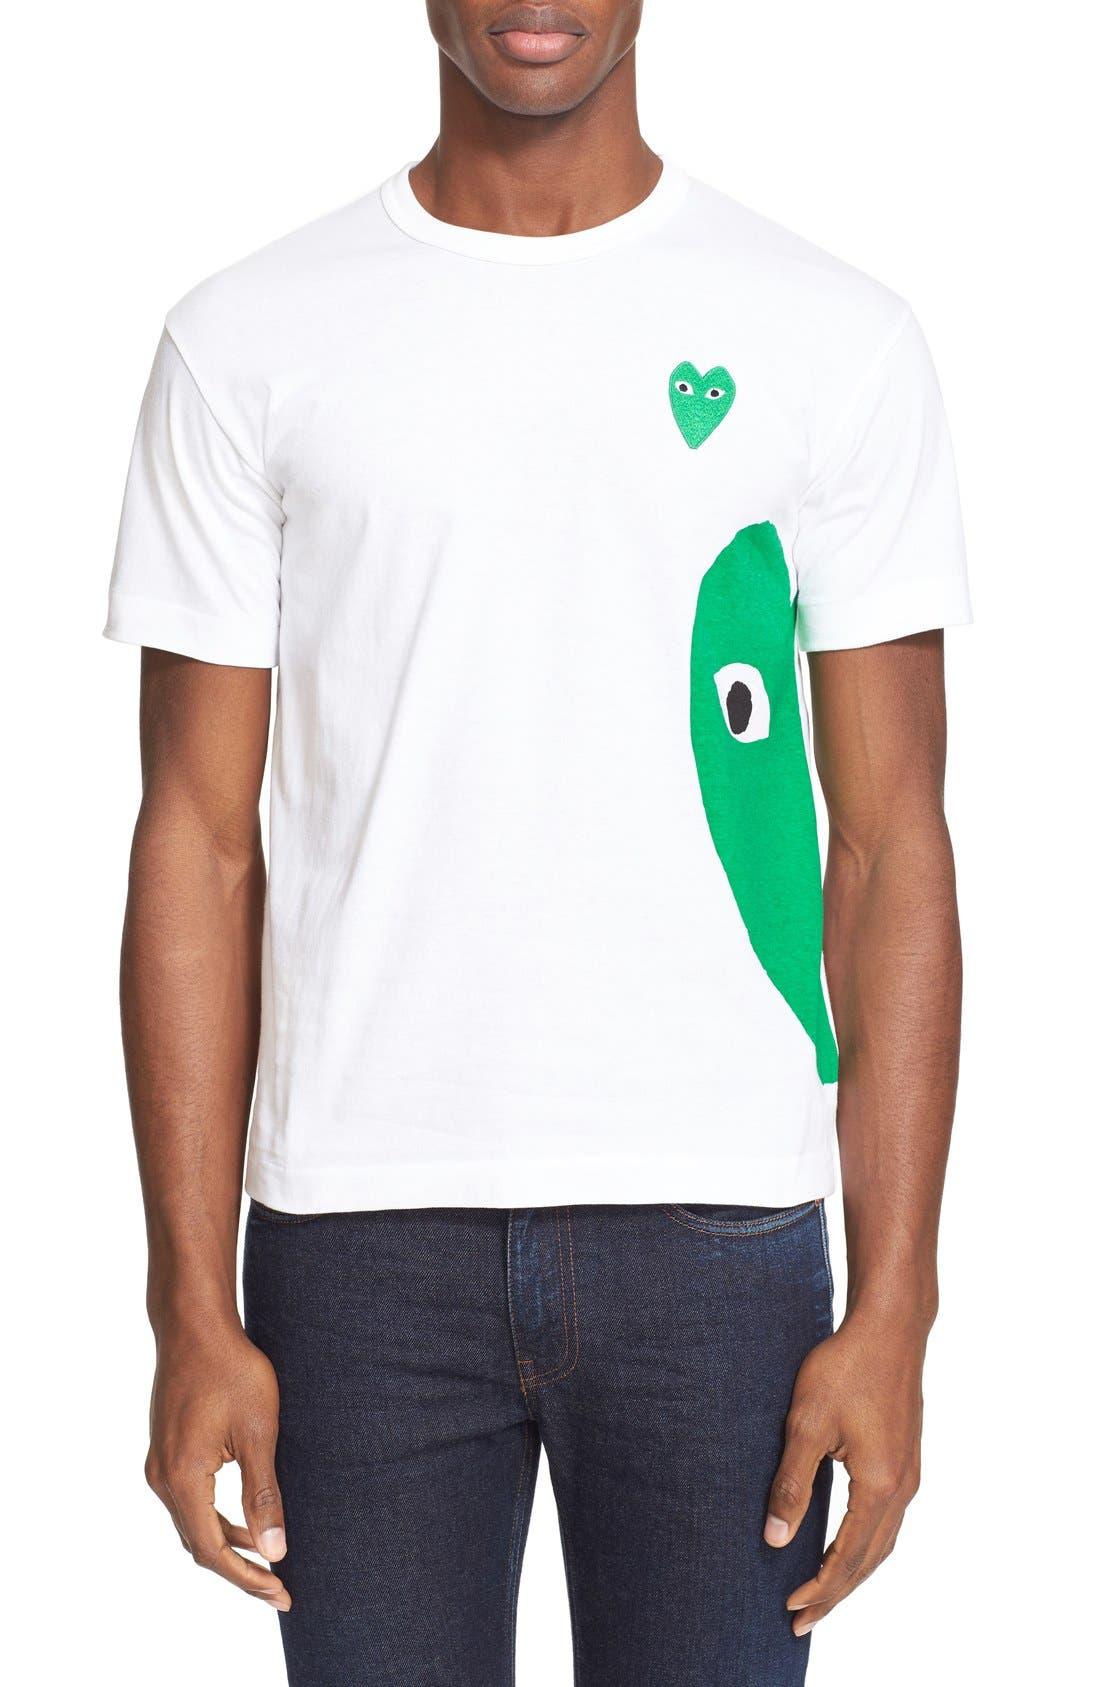 Comme des Garçons PLAY Graphic T-Shirt with Heart Appliqué